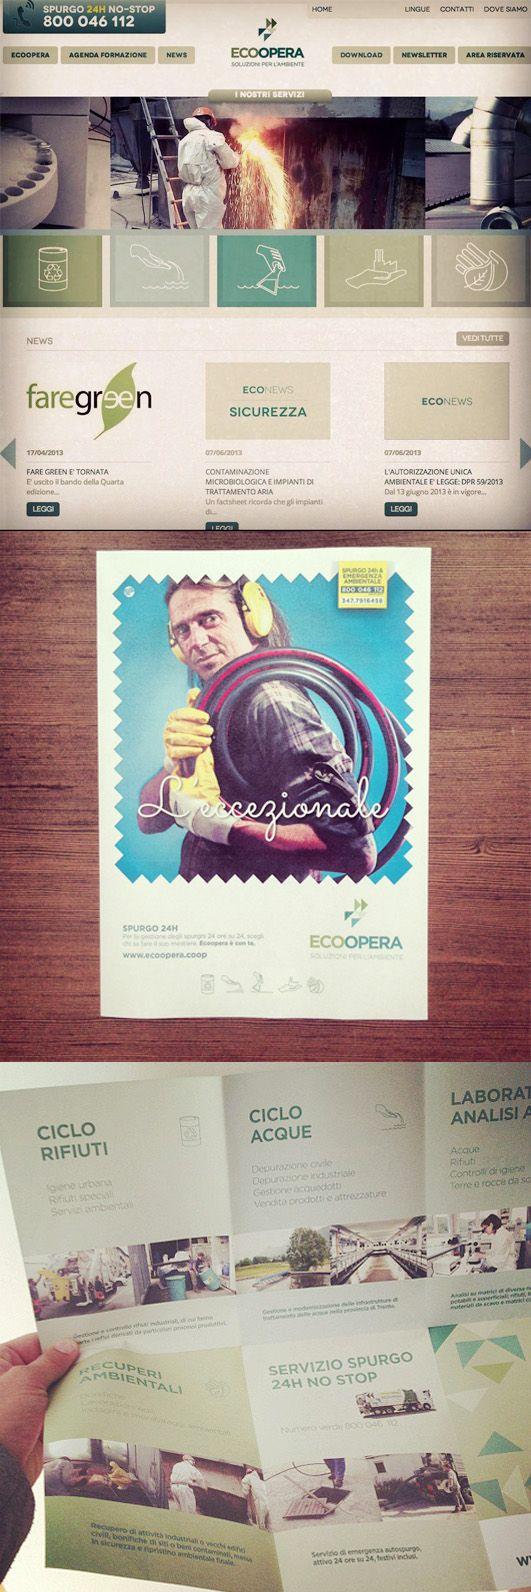 Progetto di #comunicazione #creativa per ECOOPERA.